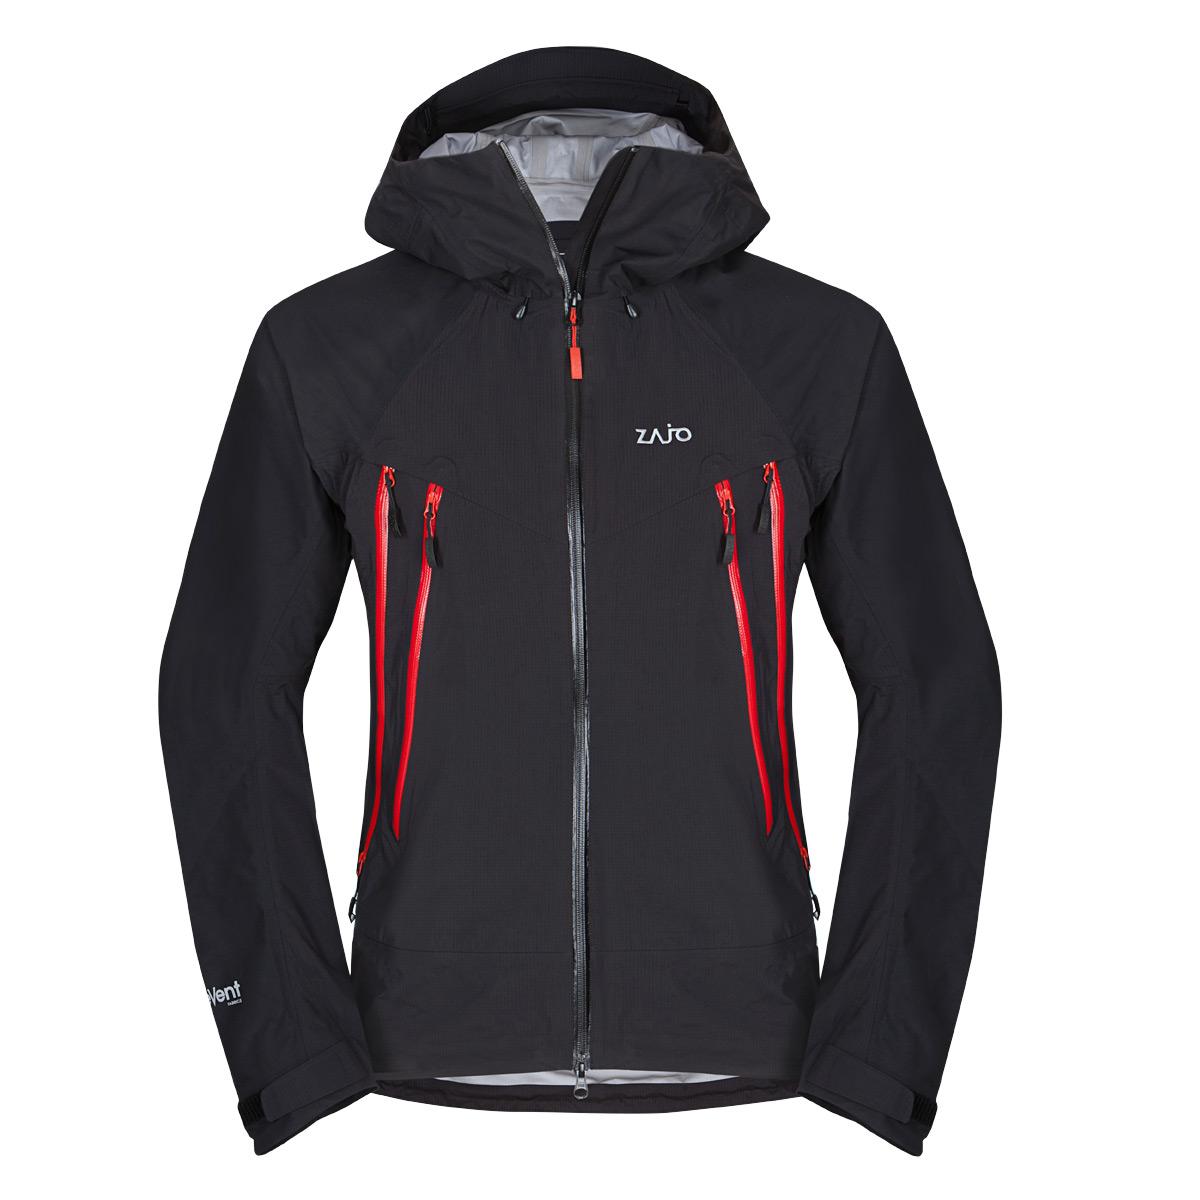 Pánska bunda Zajo Karakorum Neo JKT Black - veľkosť S